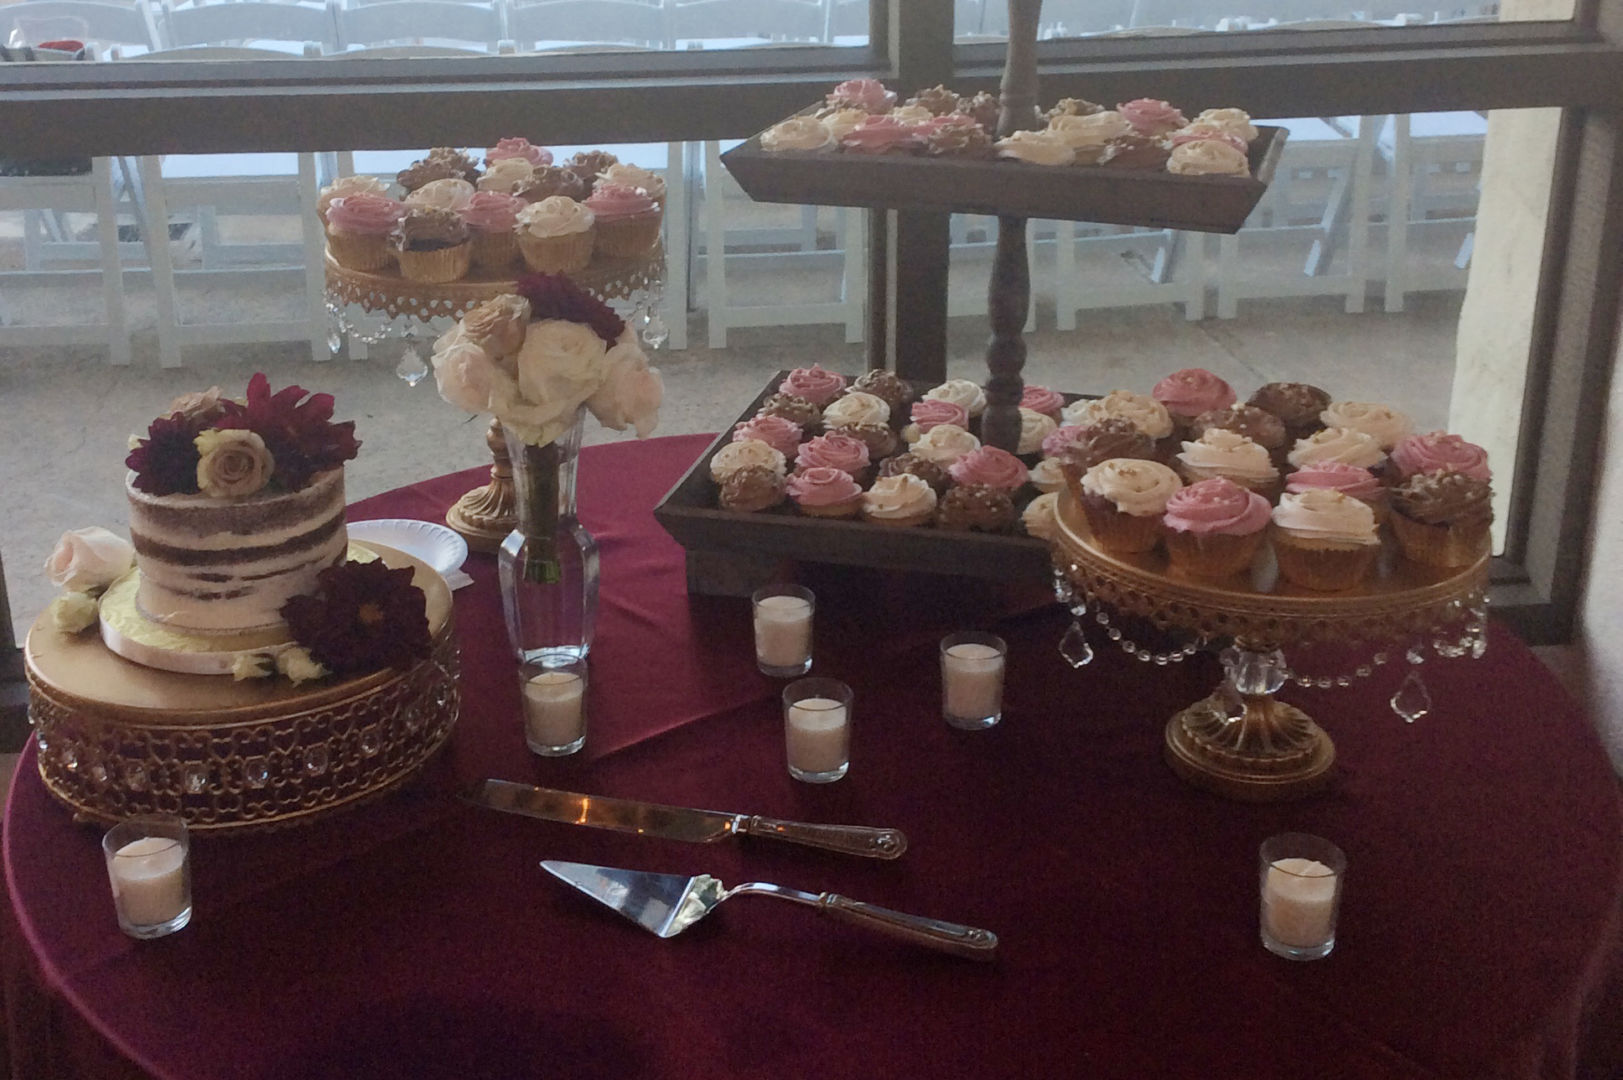 Wedding Cupcakes & Dessert Bar - Cinful Desserts